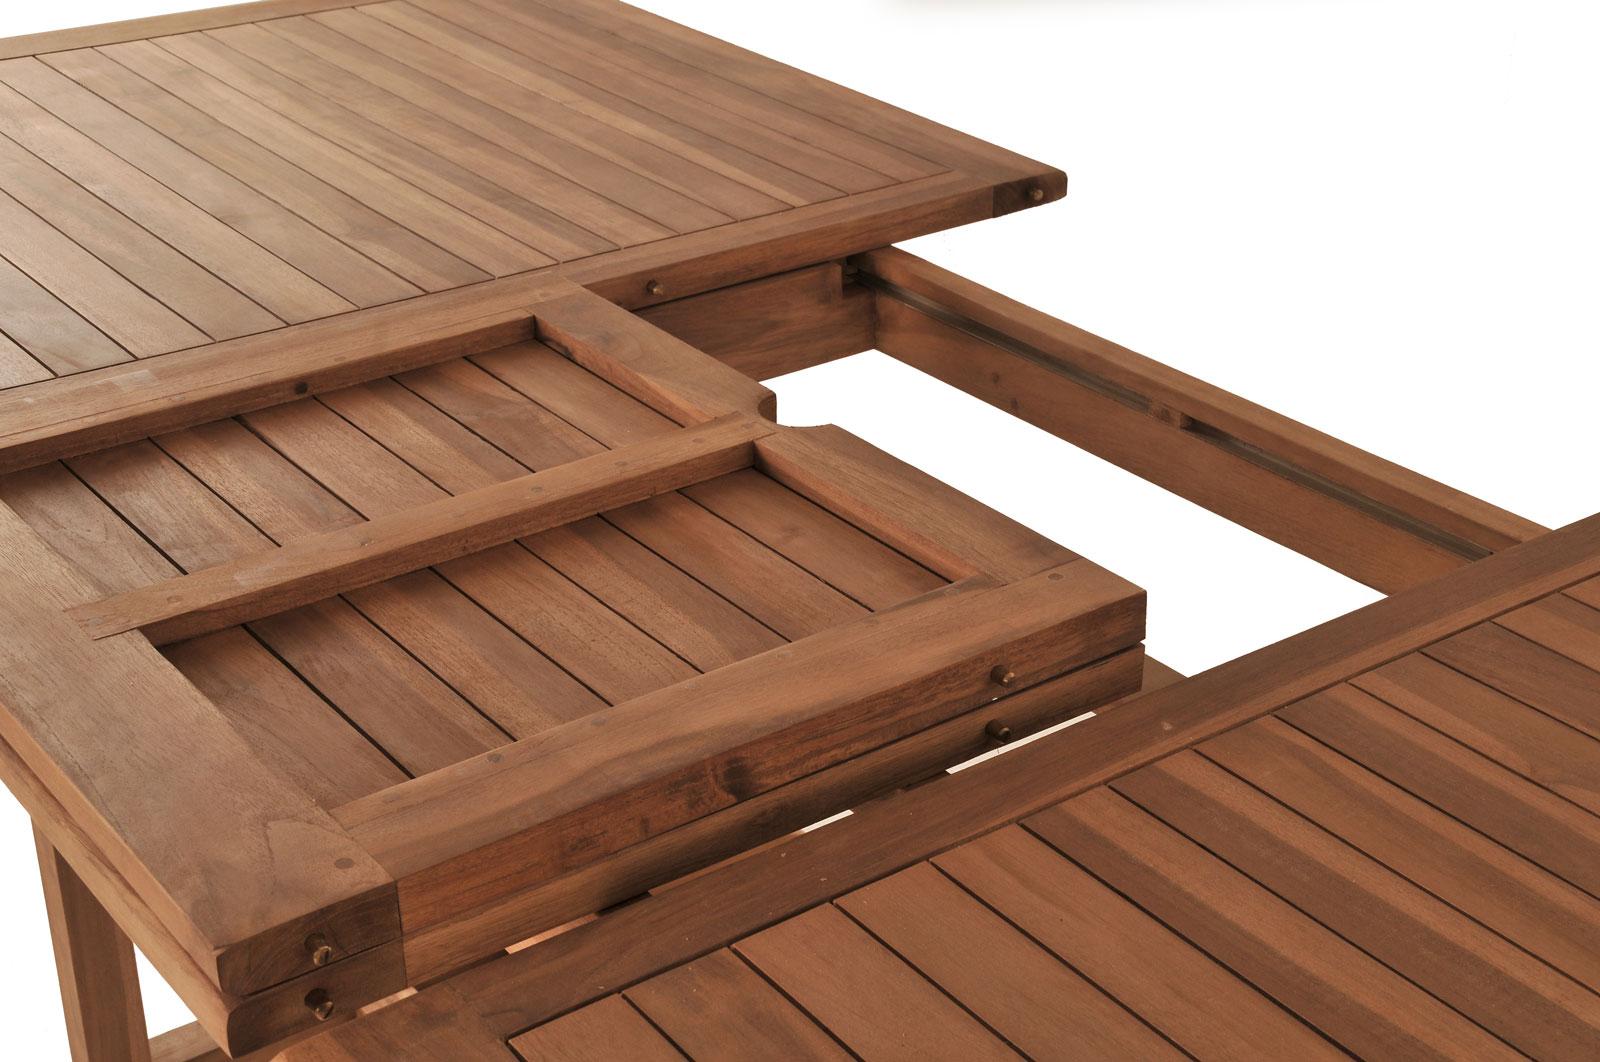 Gartentisch Ausziehbar Holz sdatec.com